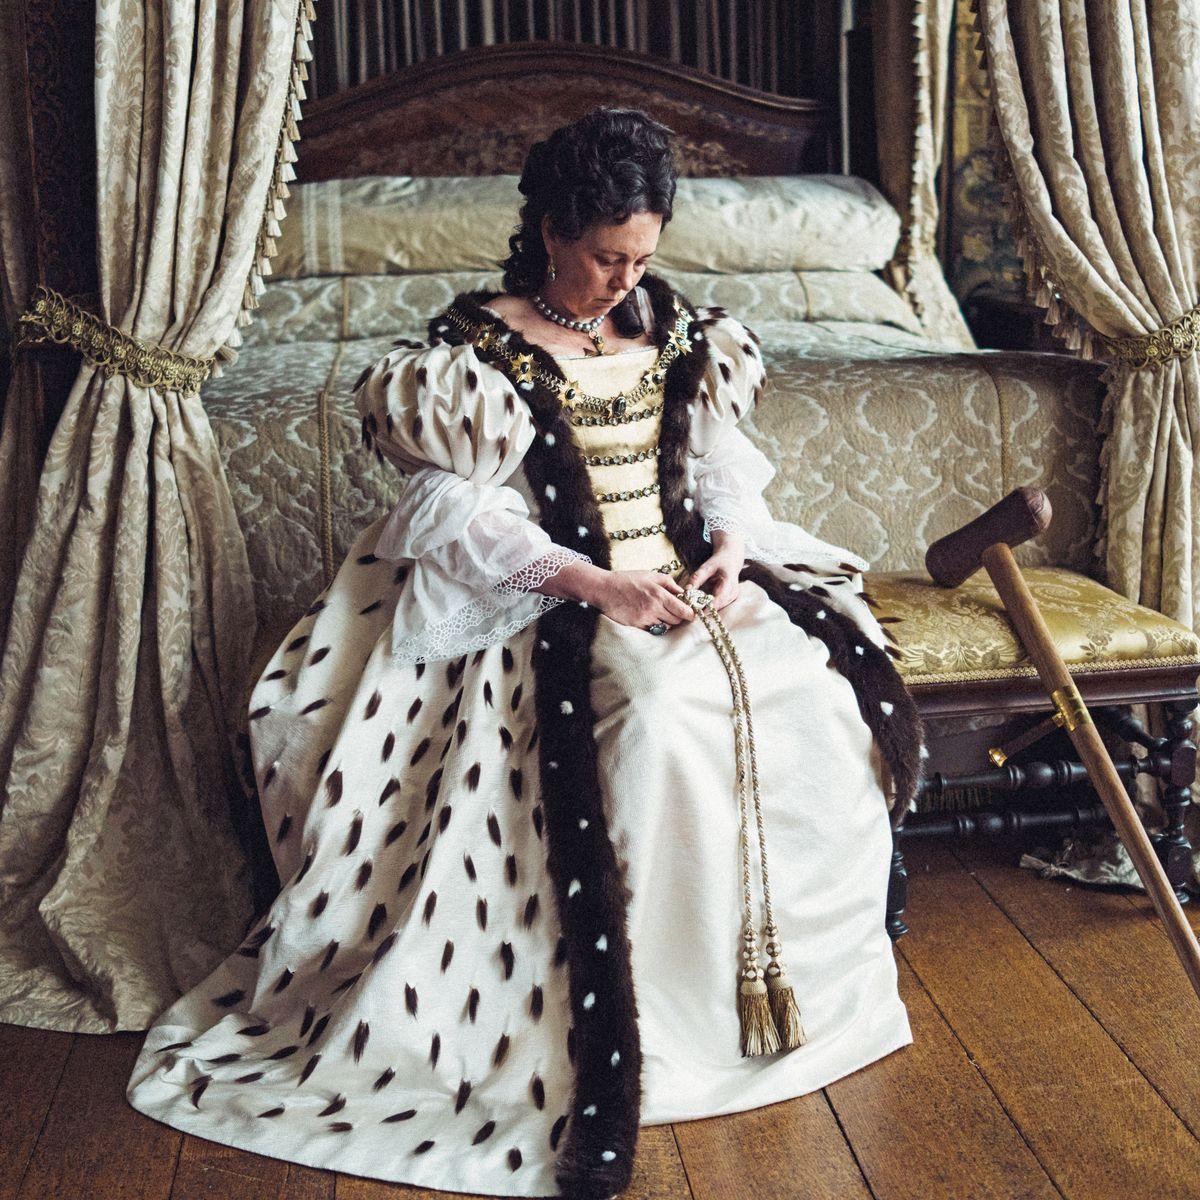 Costume Designers Guild Awards Winners 2019 Full List